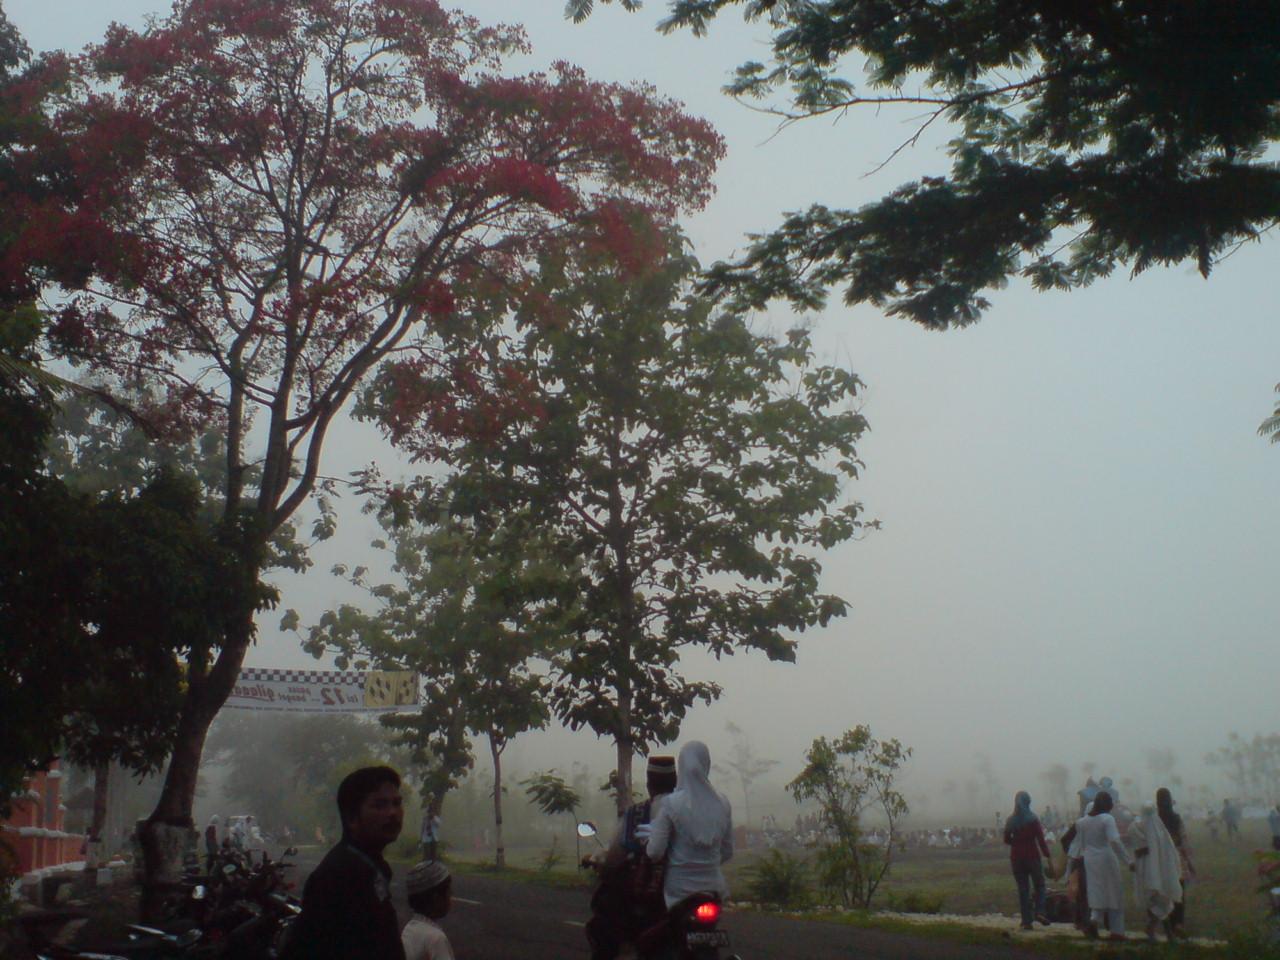 Shalat Ied di lapangan #grogol #indonesiabanget 01